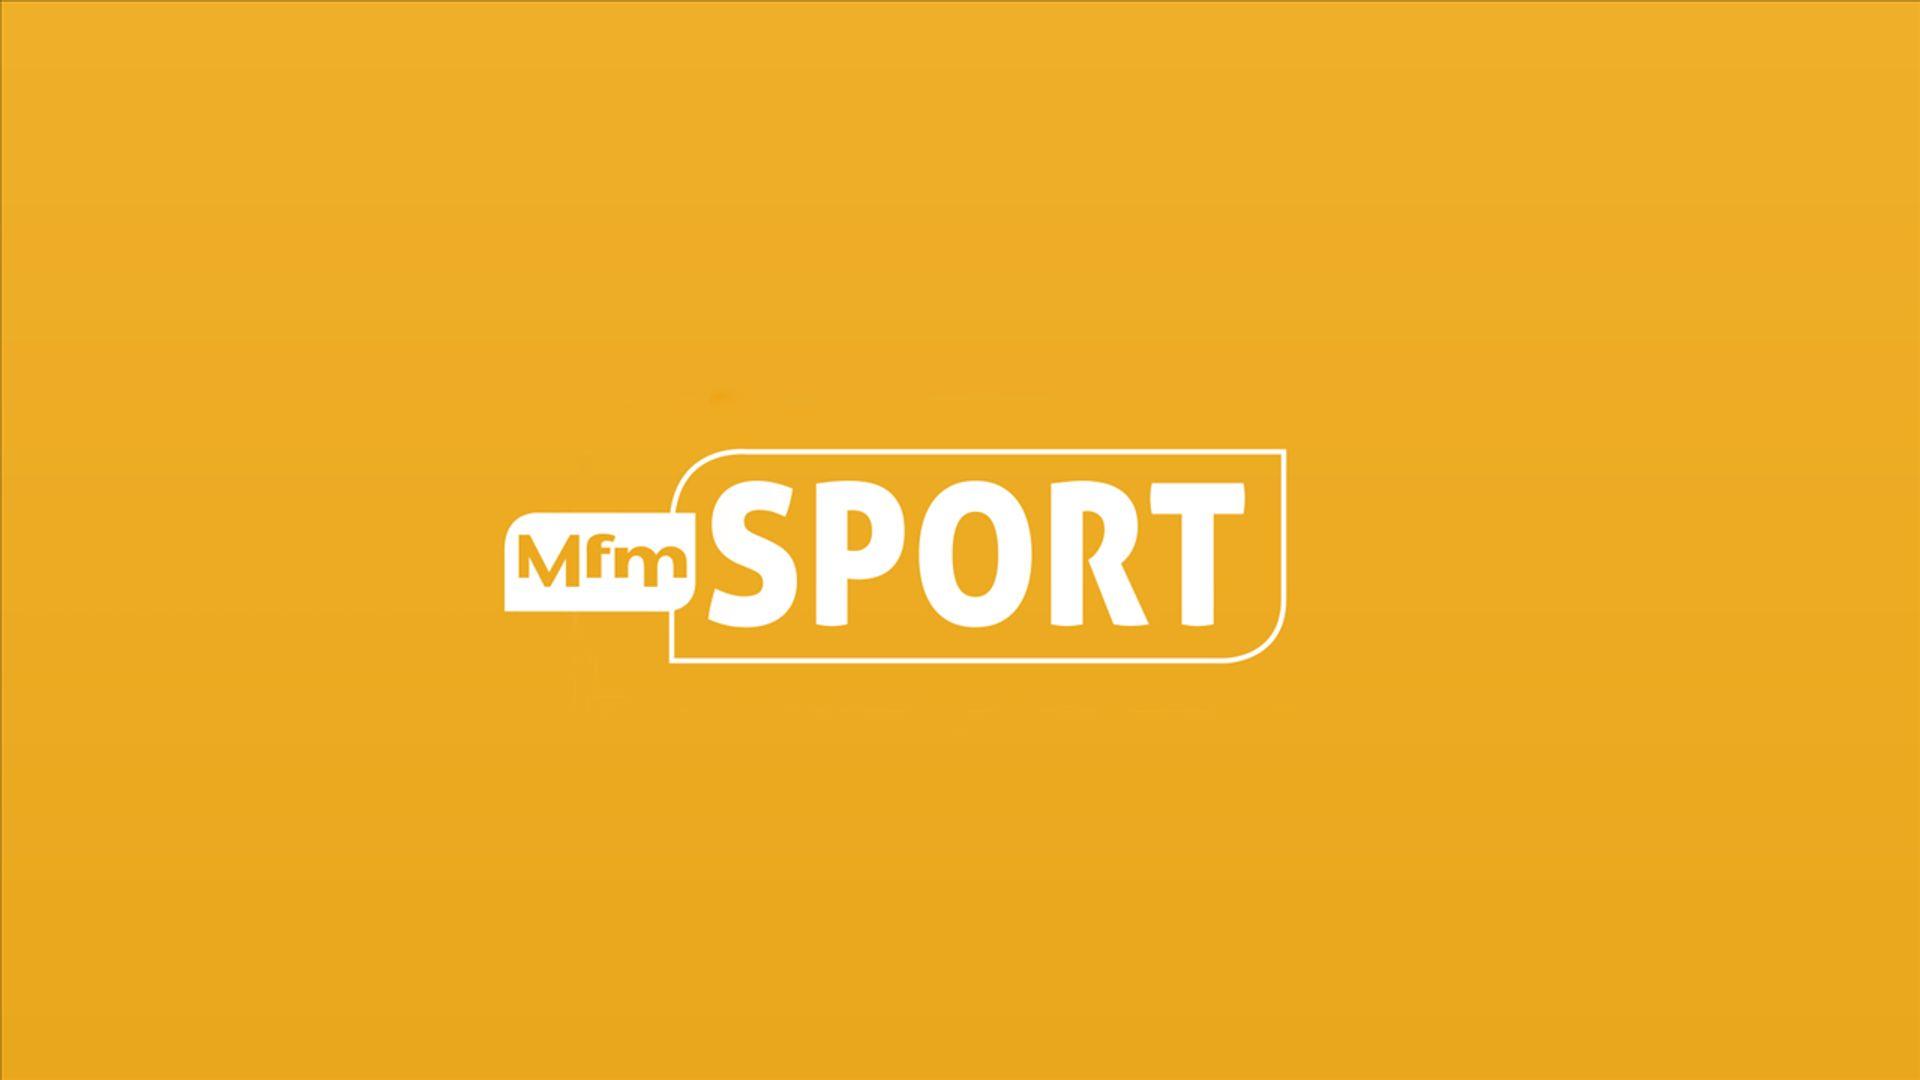 294758_mfm_sport_oranje.png